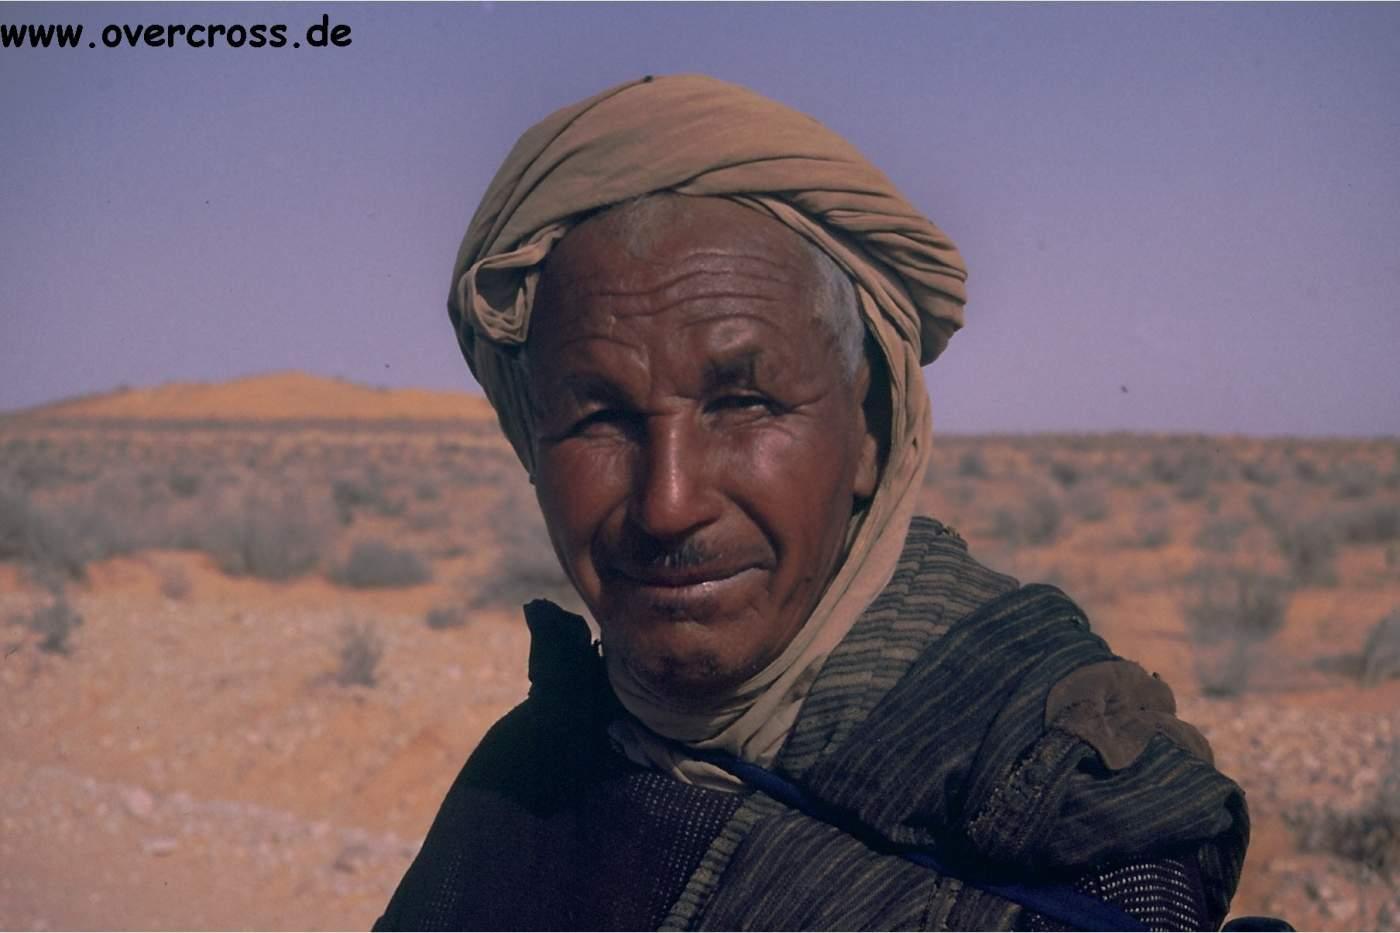 Tunesier getroffen auf Safari mit Overcross